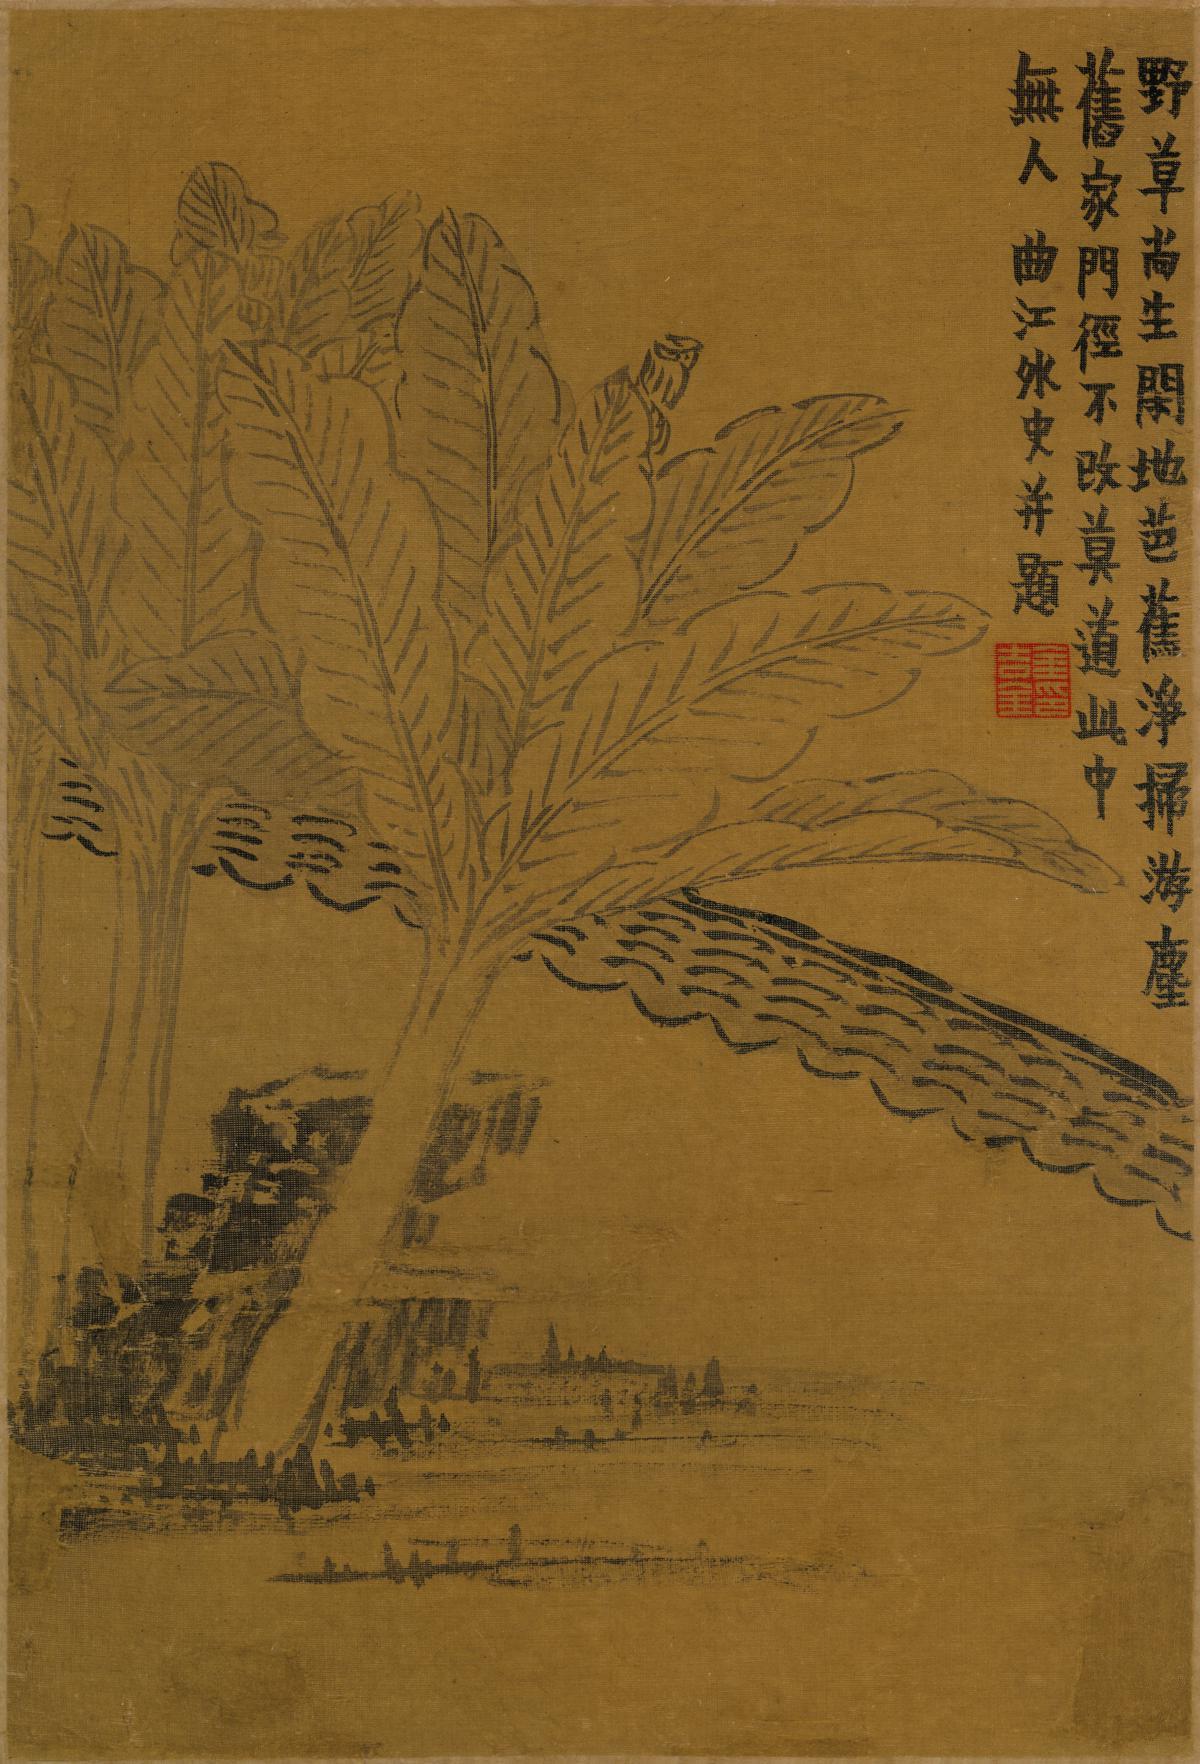 18-清-金农-书画图册(四开)